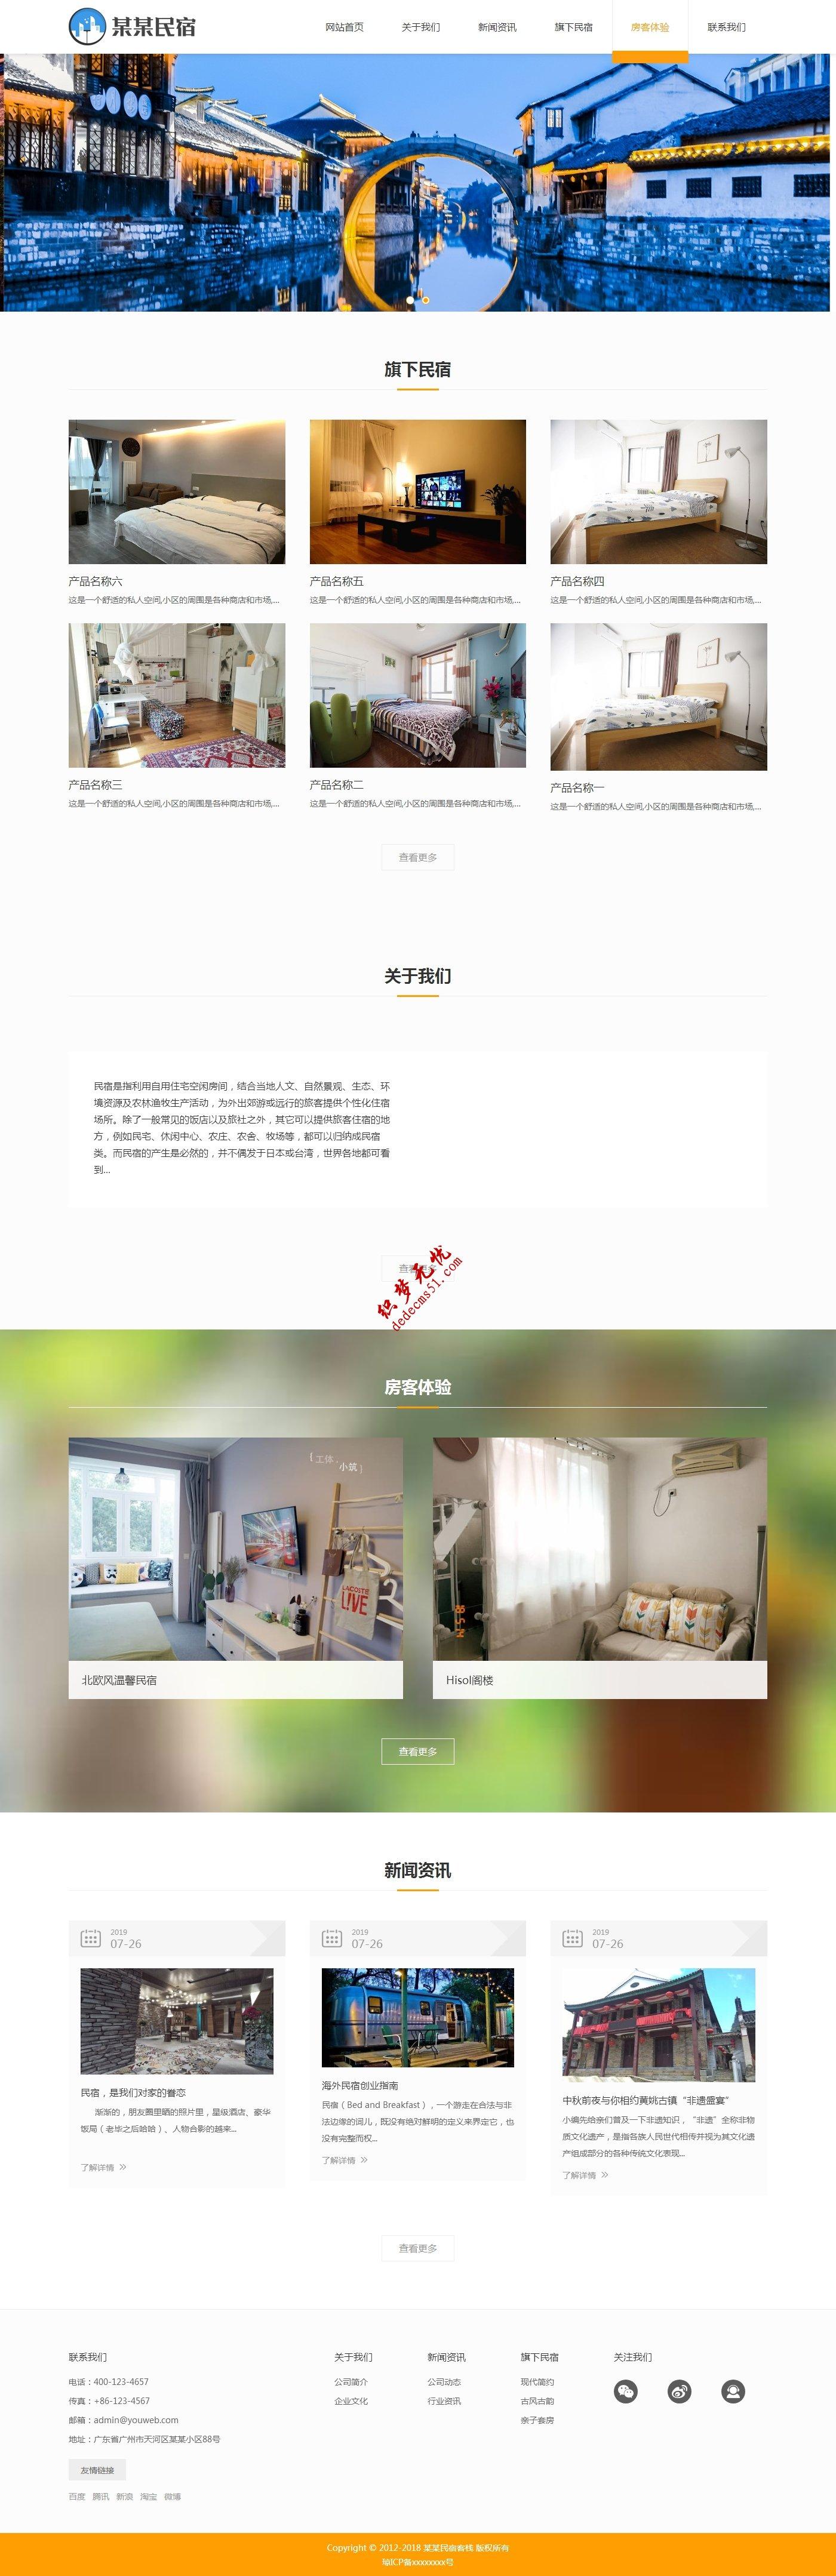 响应式简约民宿客栈民间酒店住房展示网站模板下载(自适应手机)